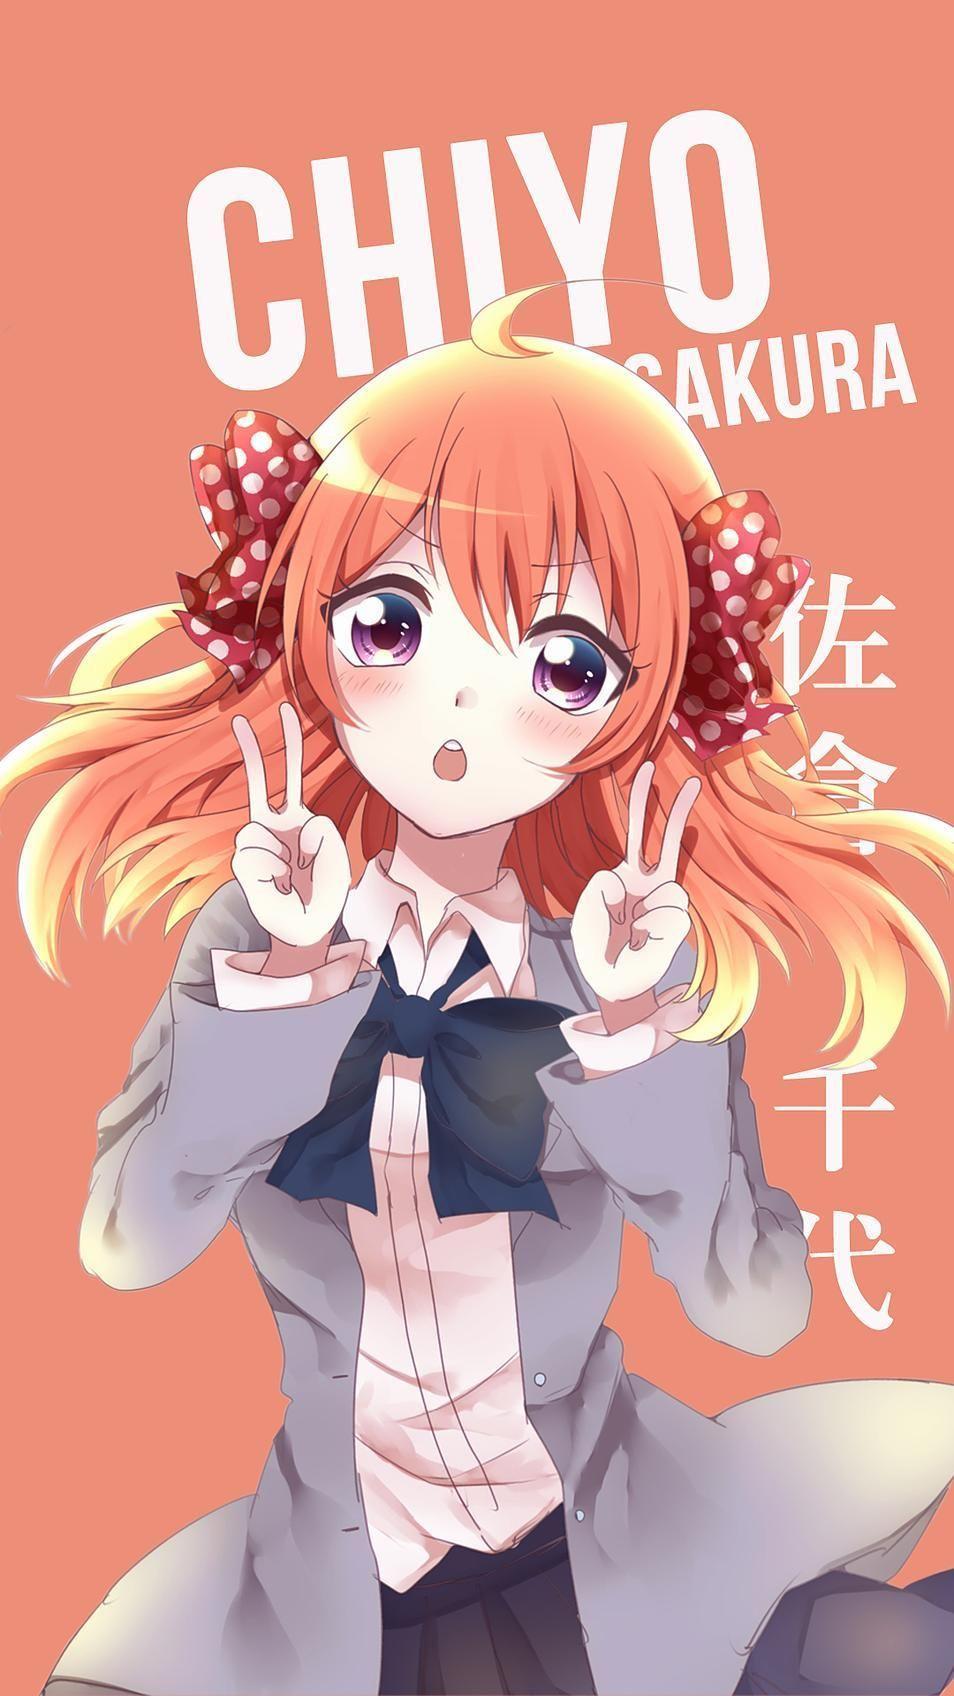 Kawaii Anime Wallpapers - Top Free